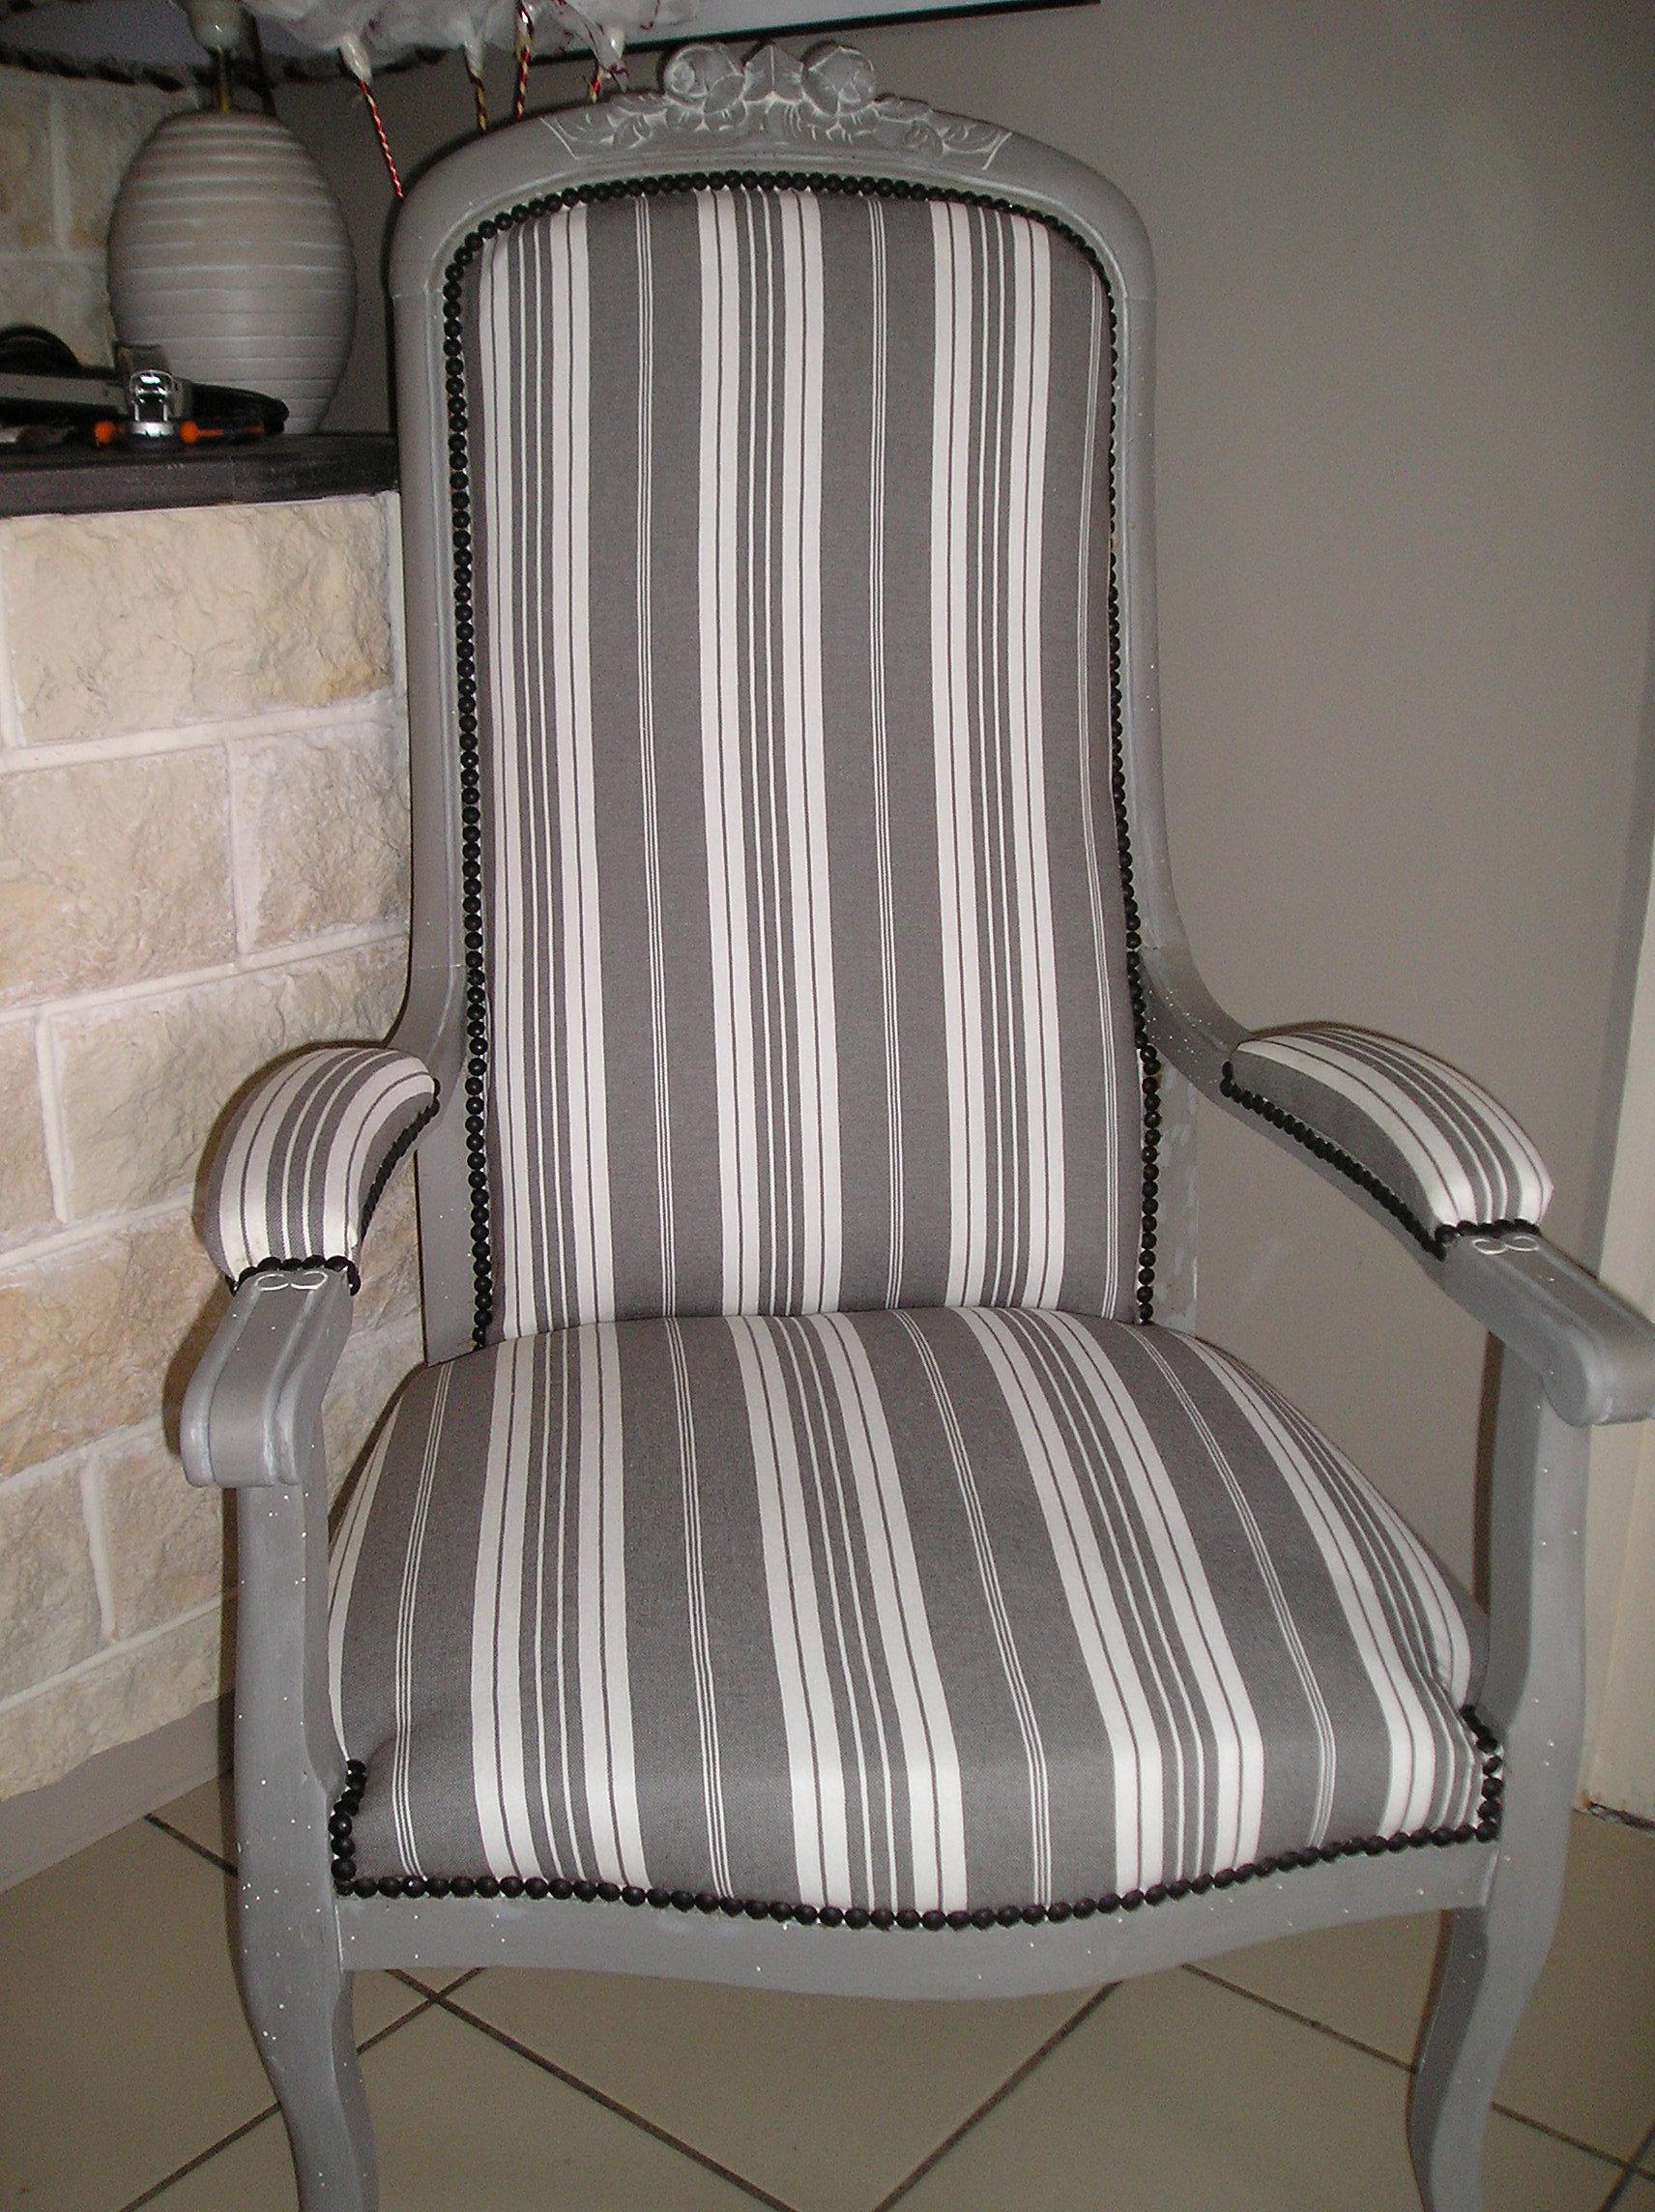 atelier creapas tapissier tarifs disponibilit s fauteuil voltaire apr s. Black Bedroom Furniture Sets. Home Design Ideas